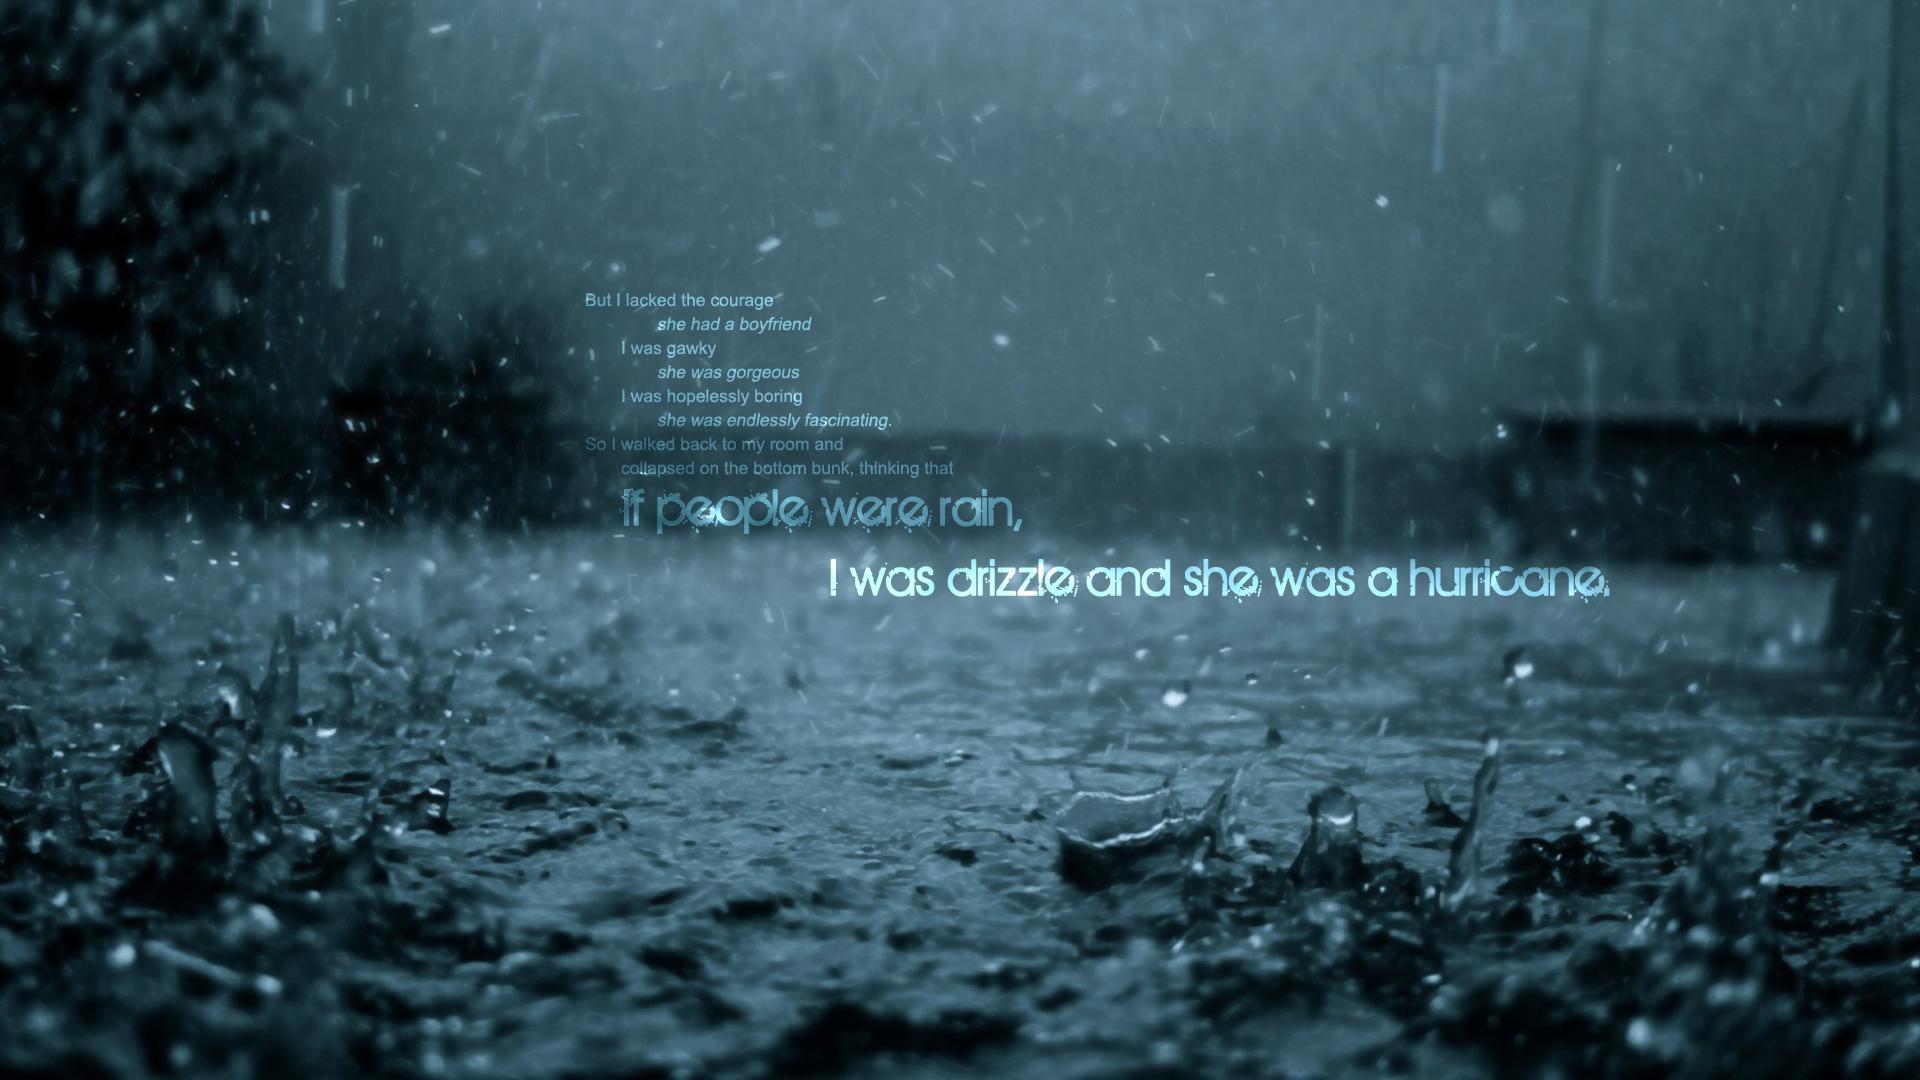 Falling Rain Wallpapers Desktop If People Were Rain Wallpaper Other Wallpaper Better